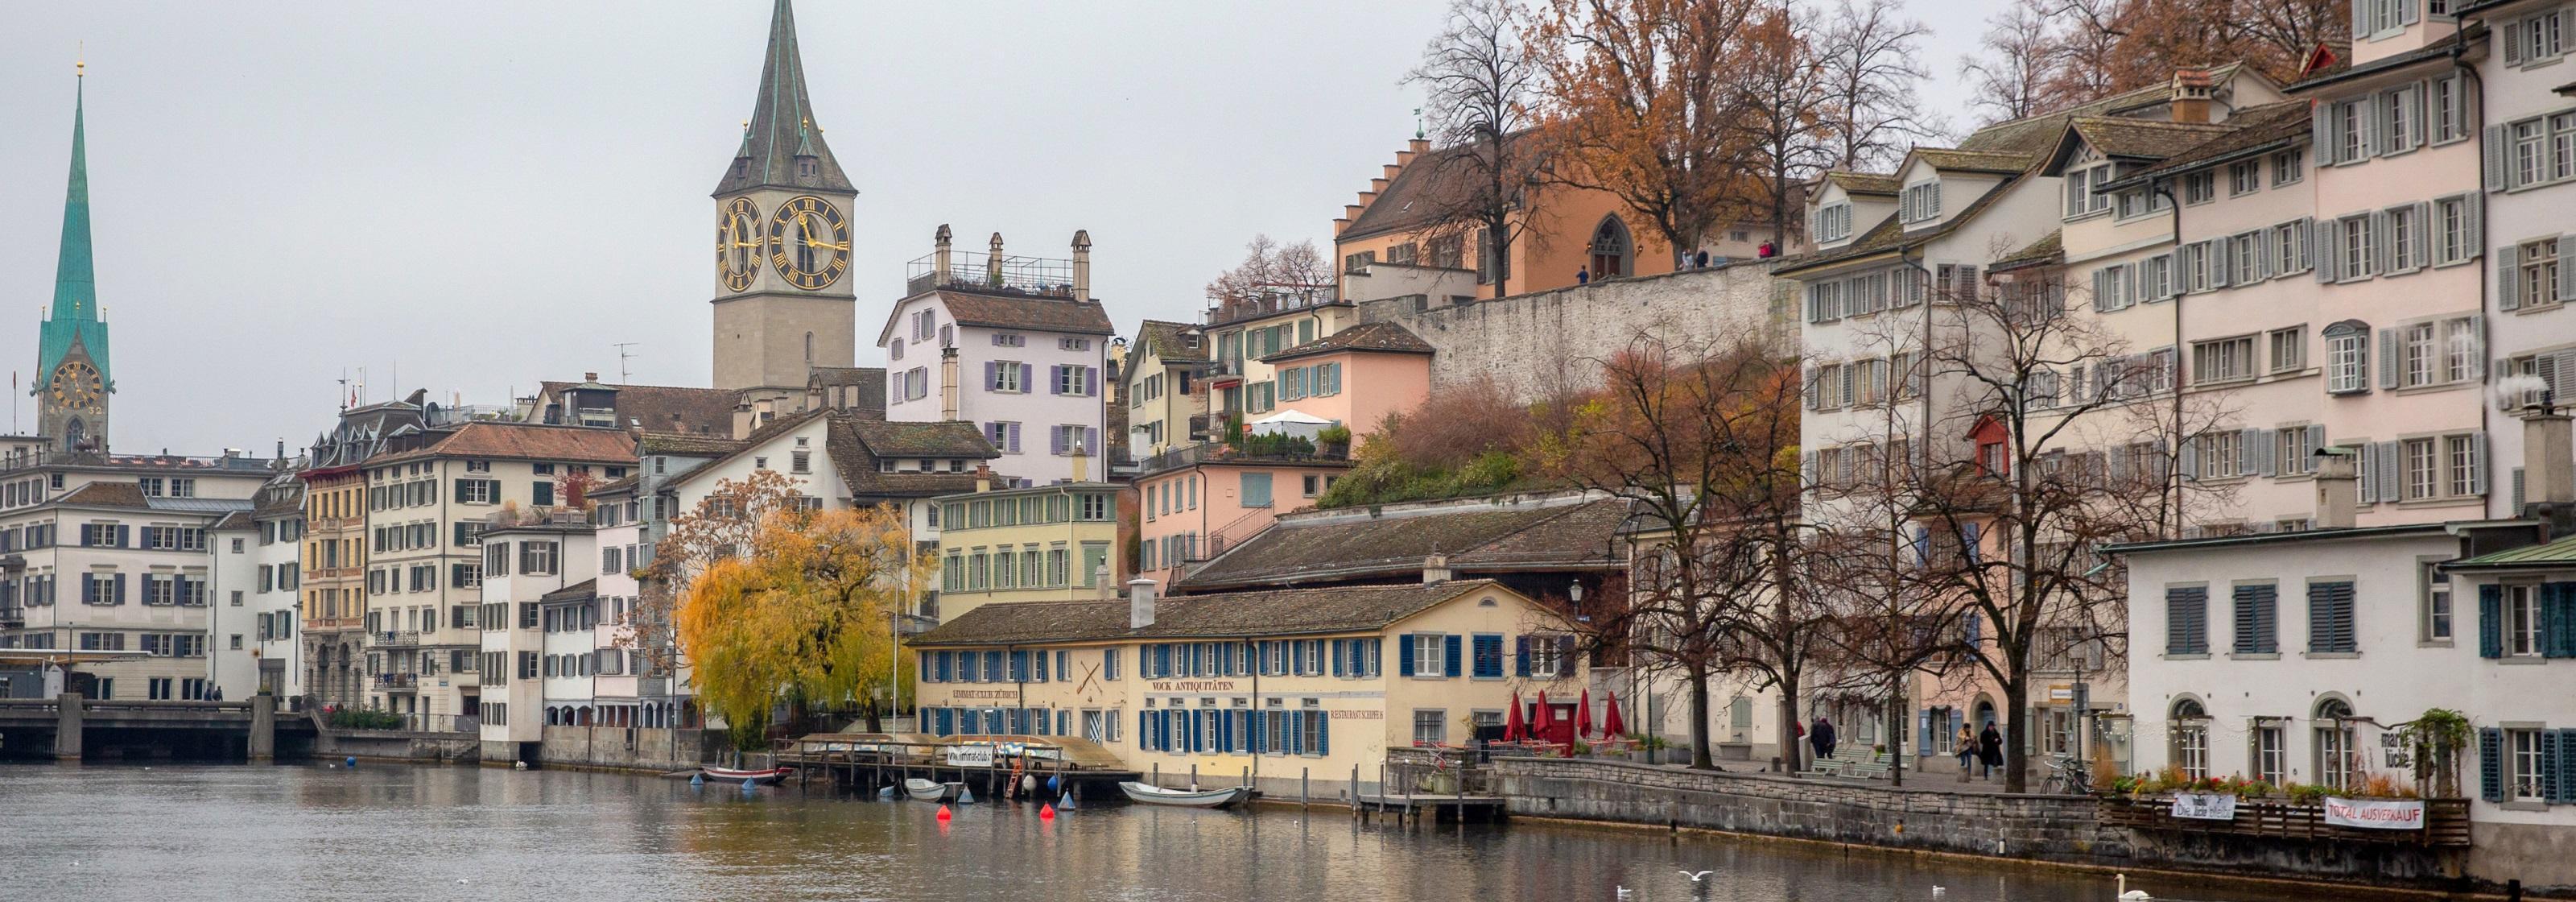 Choses à faire à Zurich